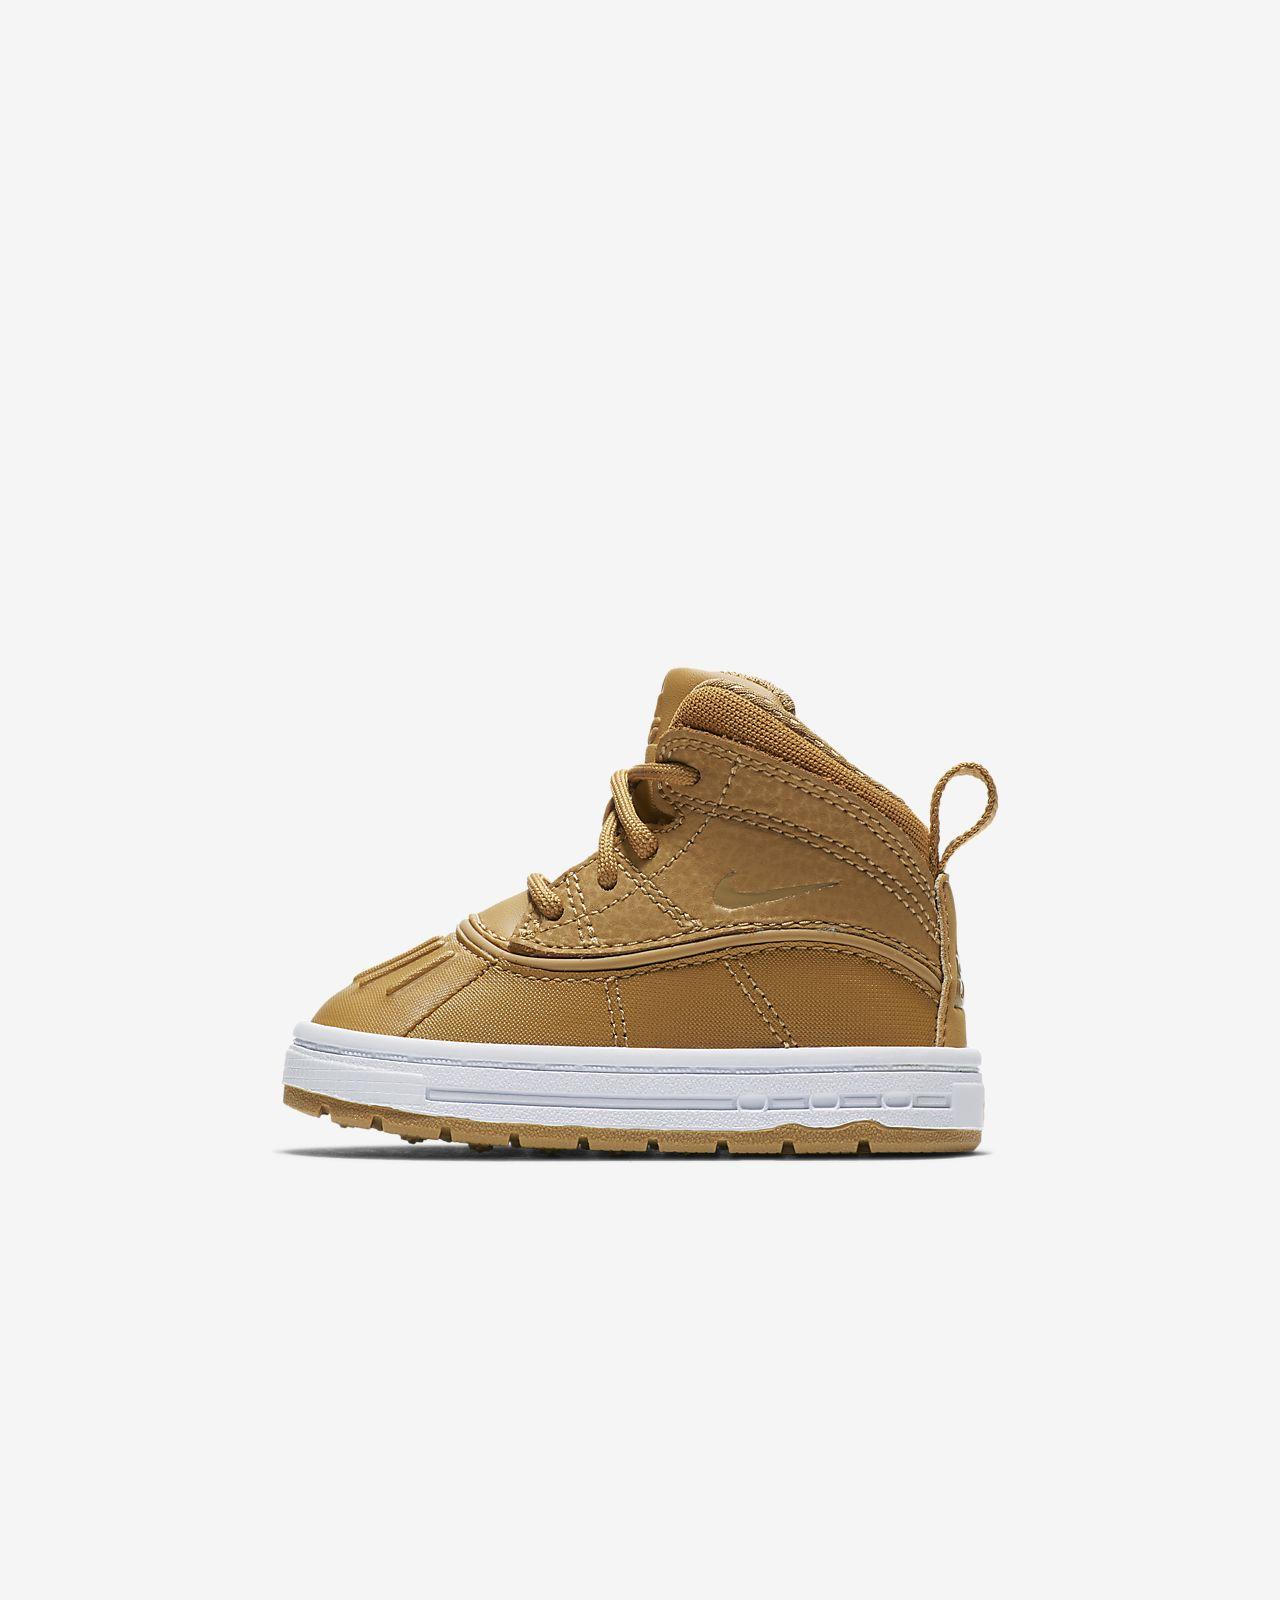 hot sales 2b663 e3da5 Nike Woodside 2 High